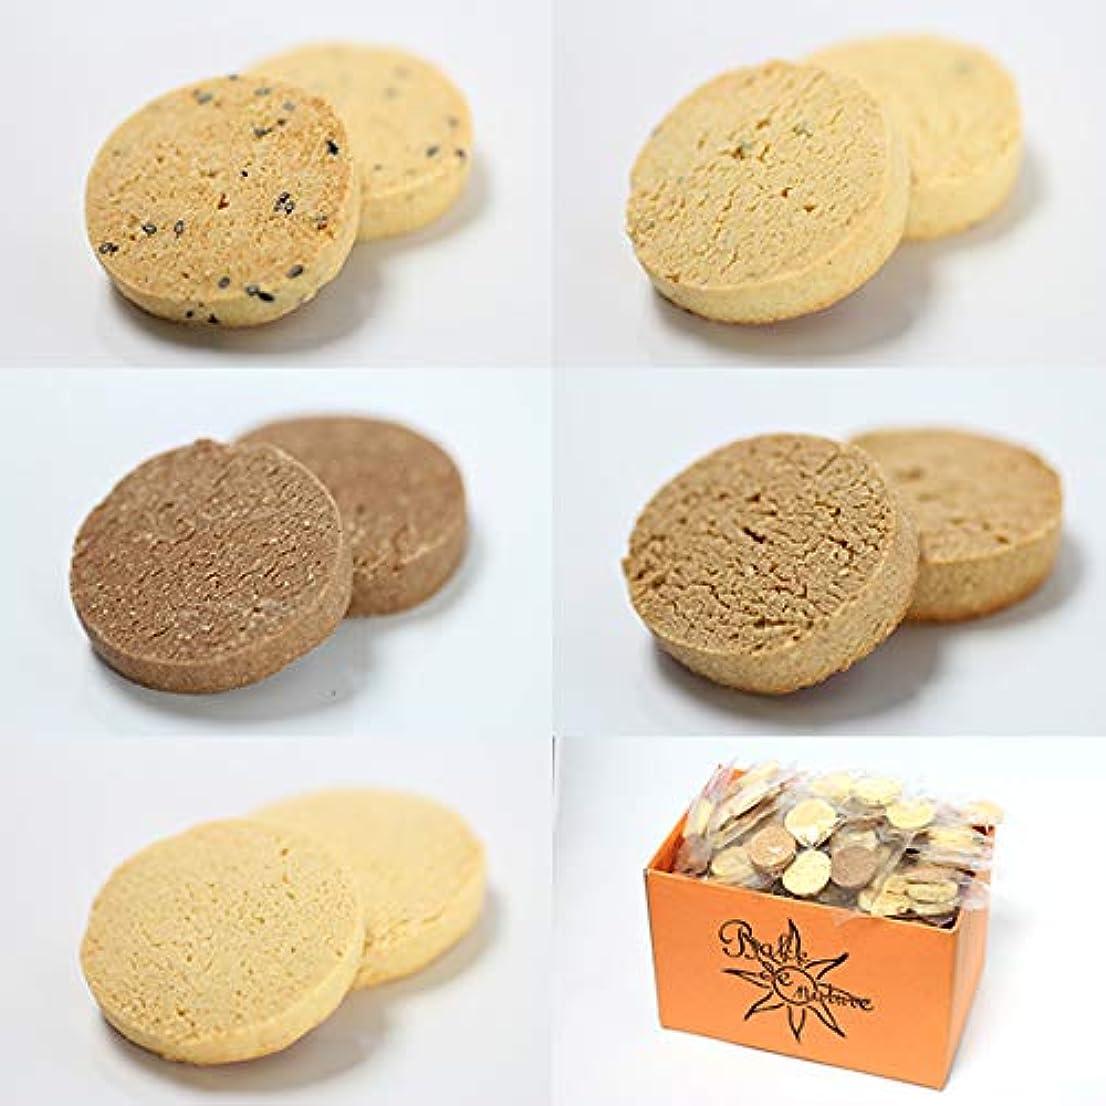 弱めるに対応荷物新感覚!大人気5種類!Triple Free 豆乳おからクッキー 1kg(個包装)小麦粉不使用のダイエットクッキー